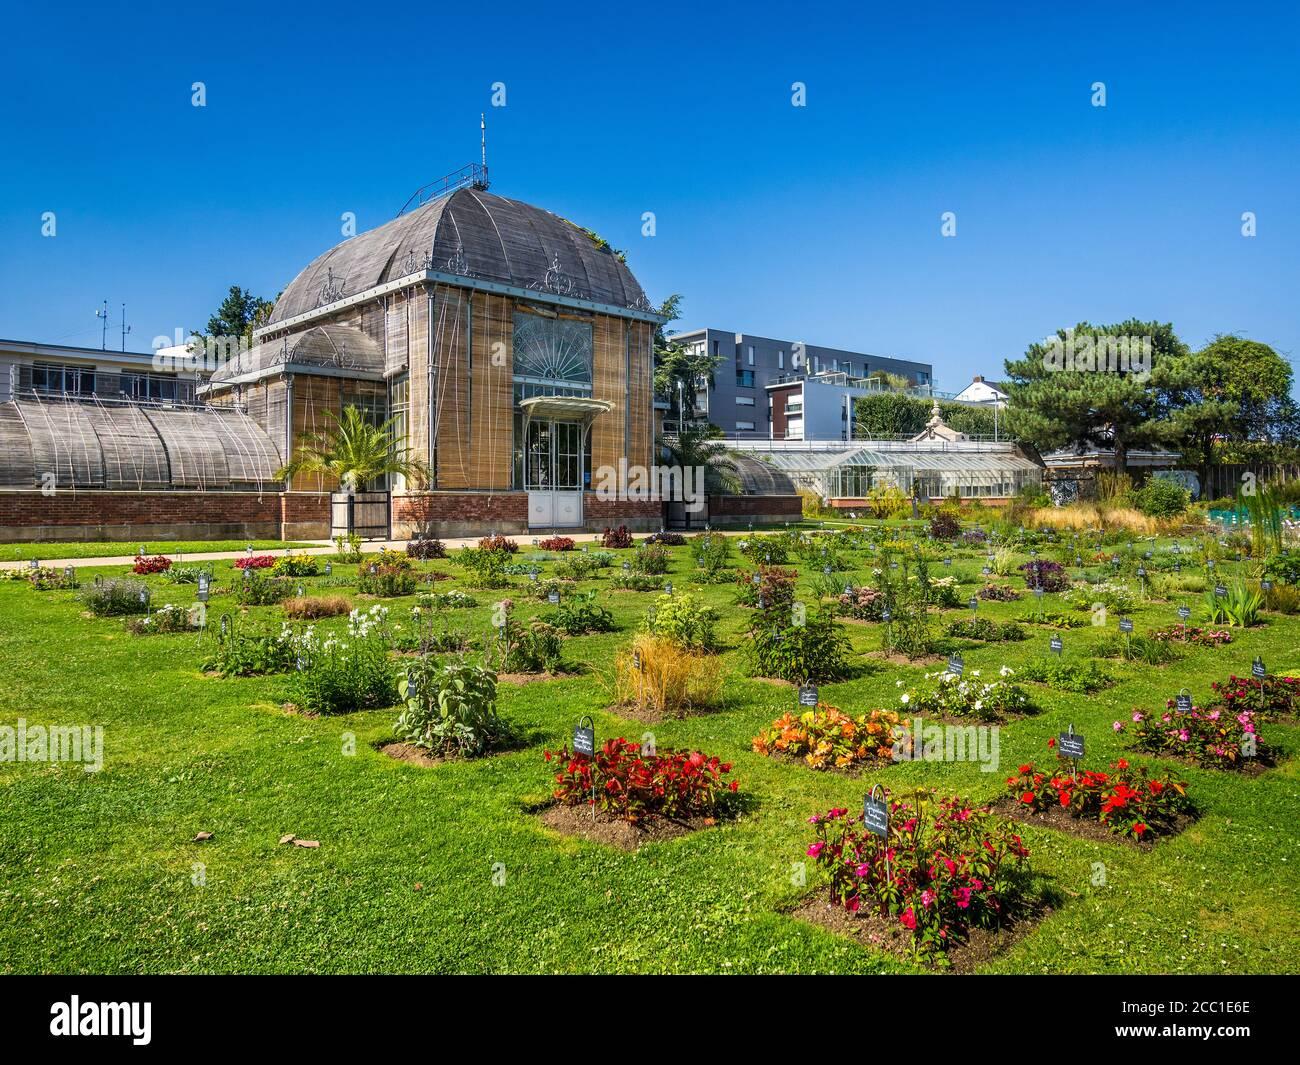 Persiane in legno che coprono le finestre del Palmarium nel Jardin des Plantes - Nantes, Loire-Atlantique, Francia. Foto Stock